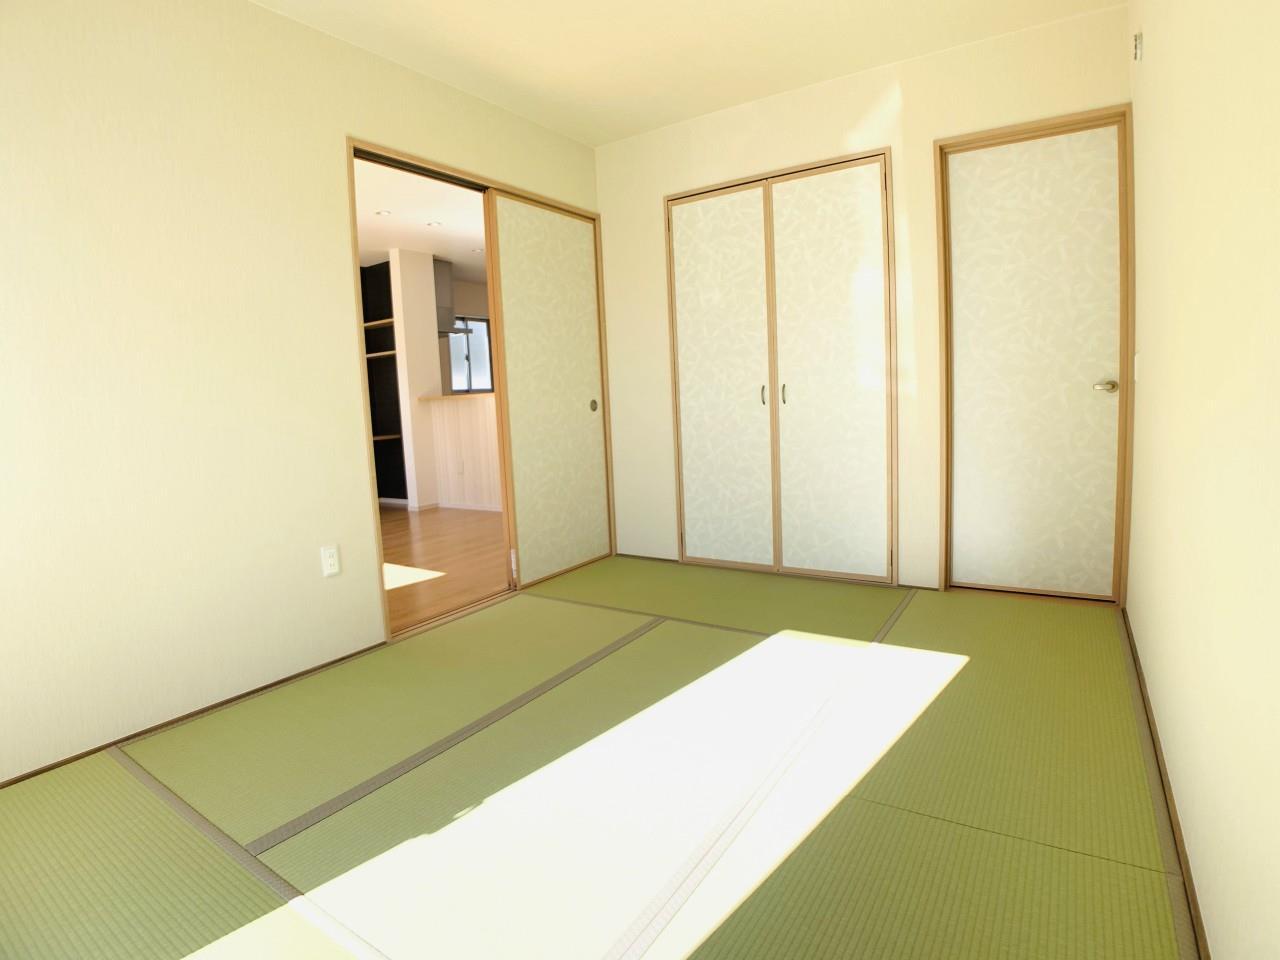 3号棟|「続き間の和室」は子育て世代にこそ適しています。お子様のお昼寝スペースや、洗濯物をたたむのに便利です。客間やリビングの延長としても◎